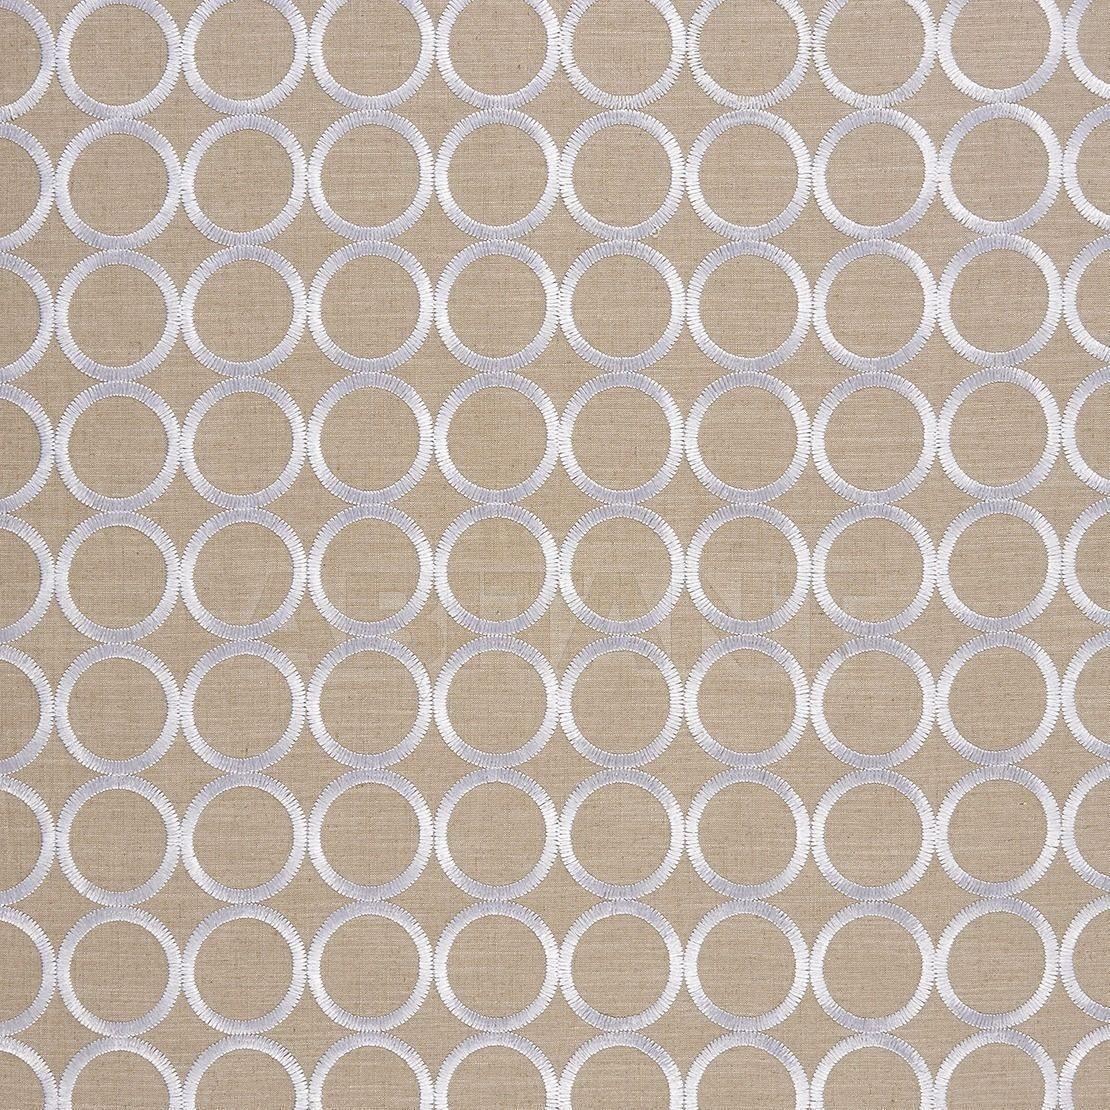 Купить Интерьерная ткань Anneaux Casadeco Cartagena CGA22830117